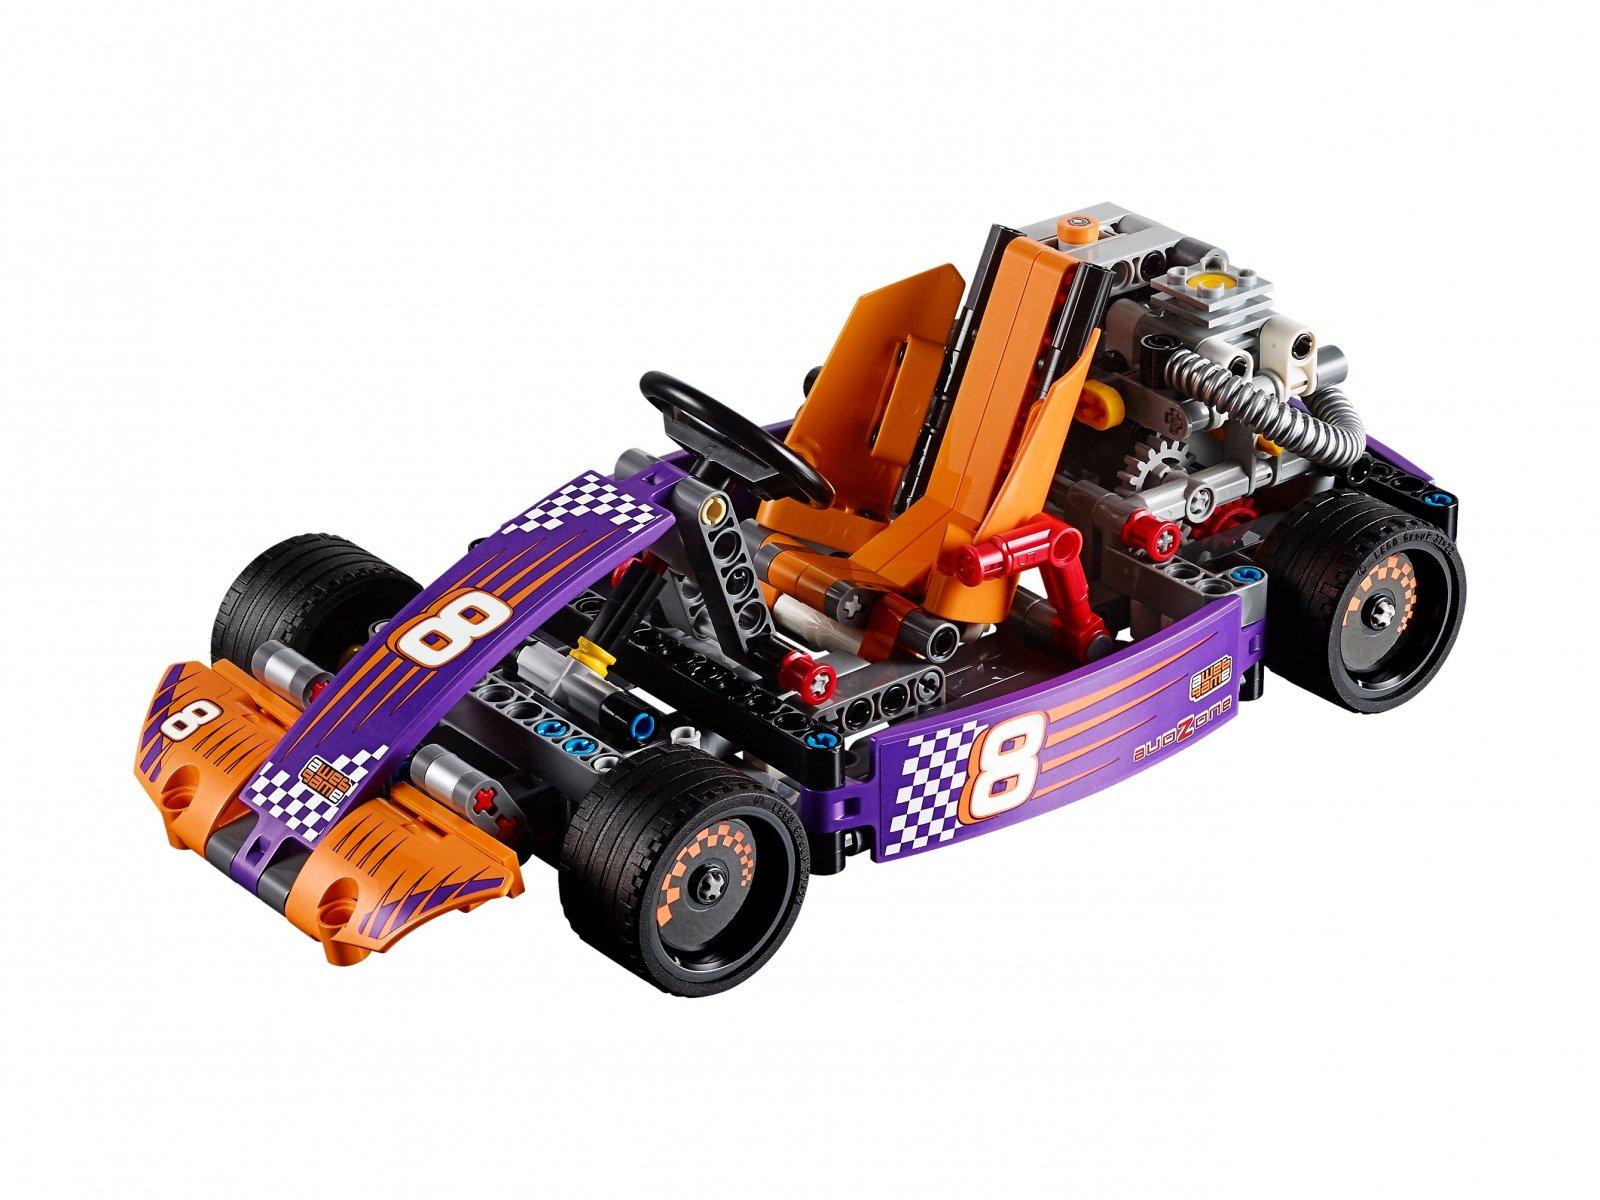 LEGO Technic 42048 Gokart